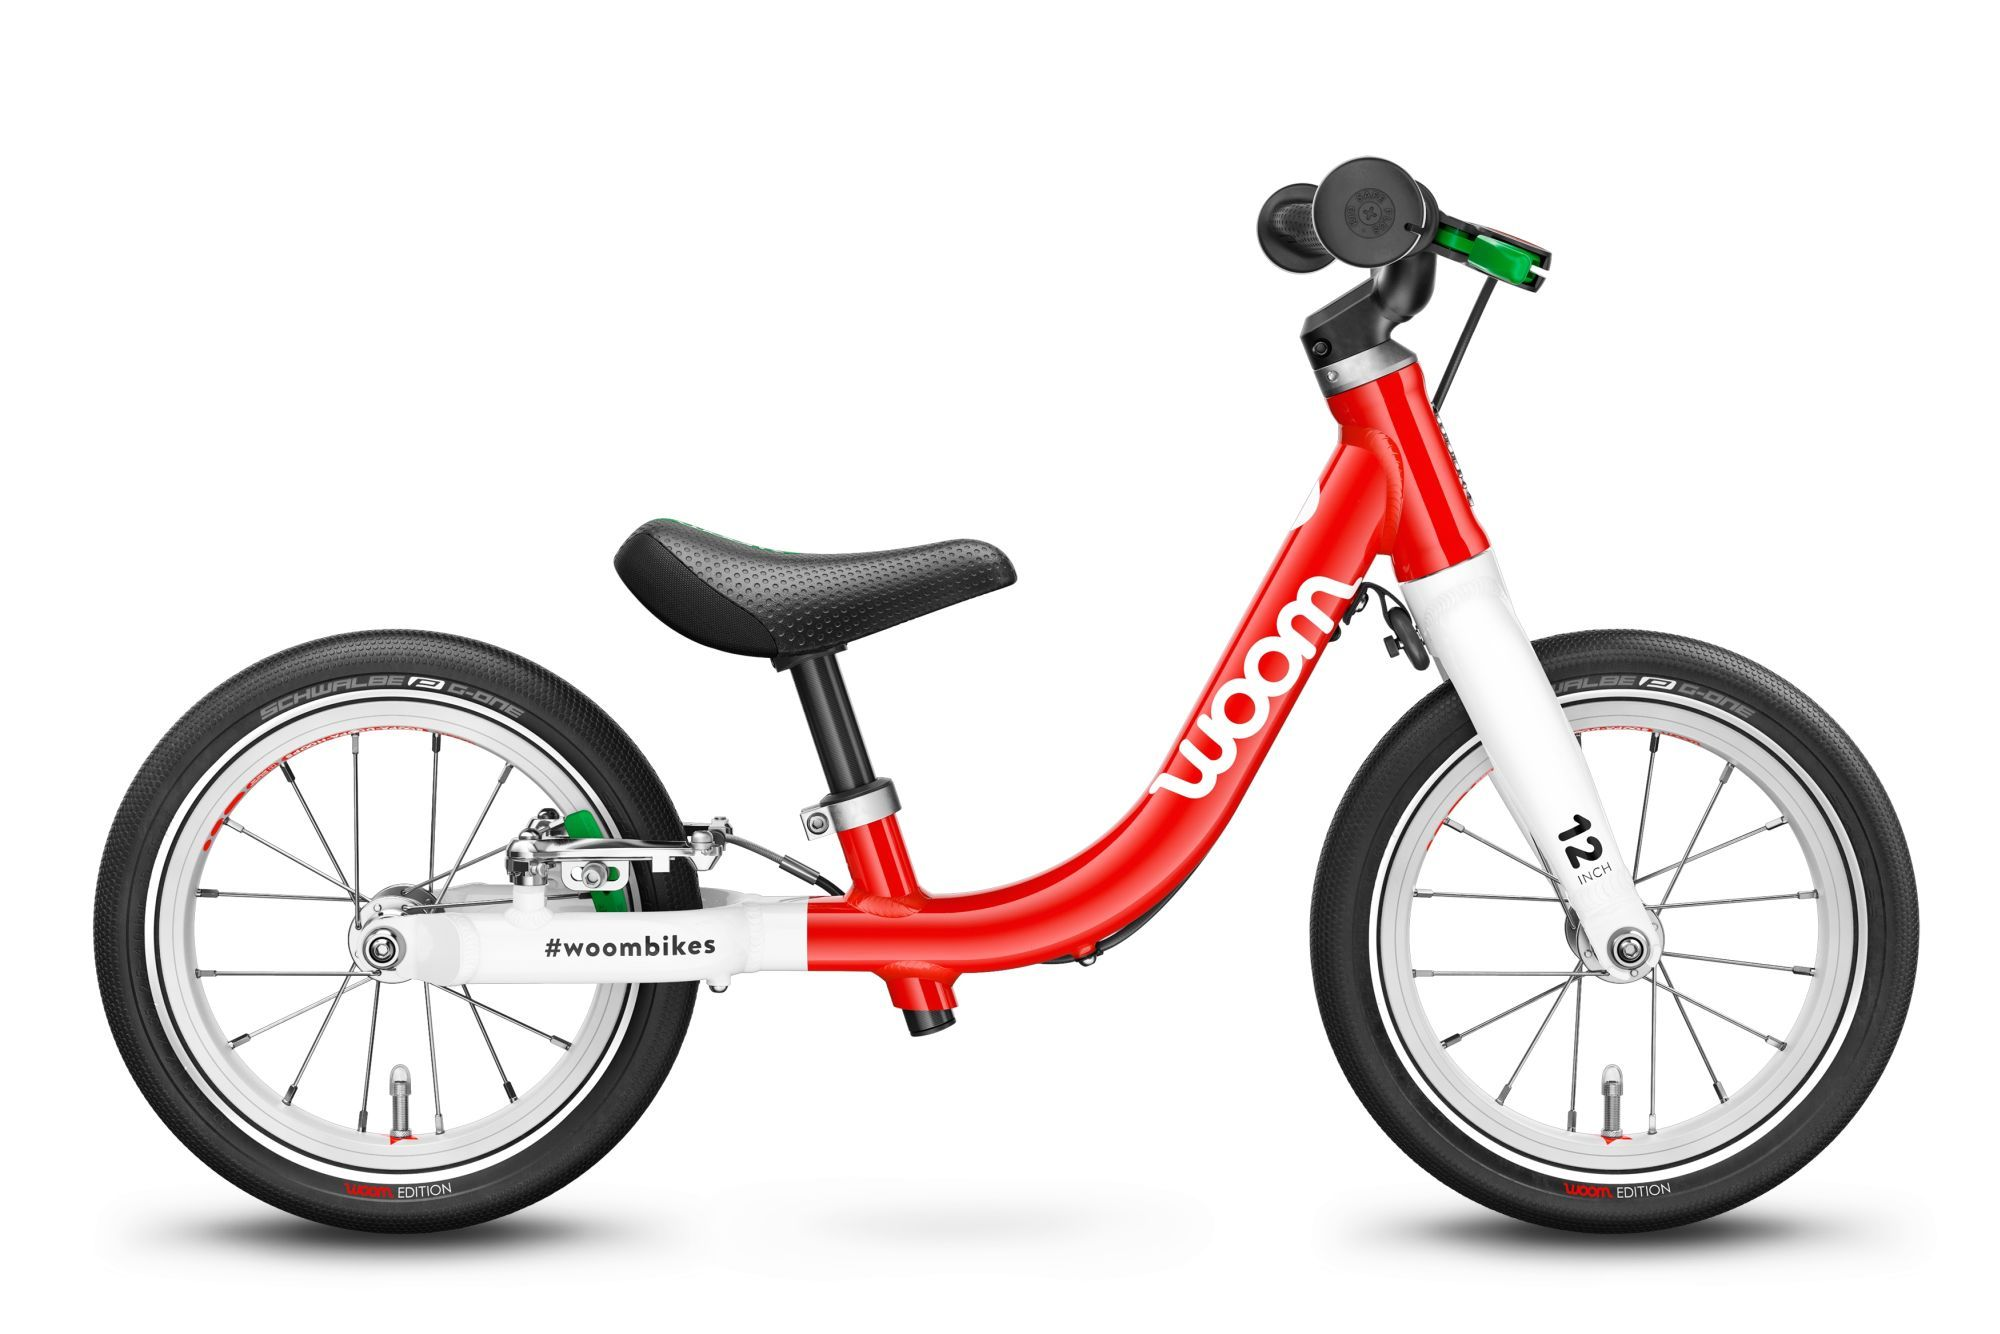 Woom 1, 1 marcia, bicicletta senza pedali per bambini, Wave, modello 2021, 12 pollici woom rosso